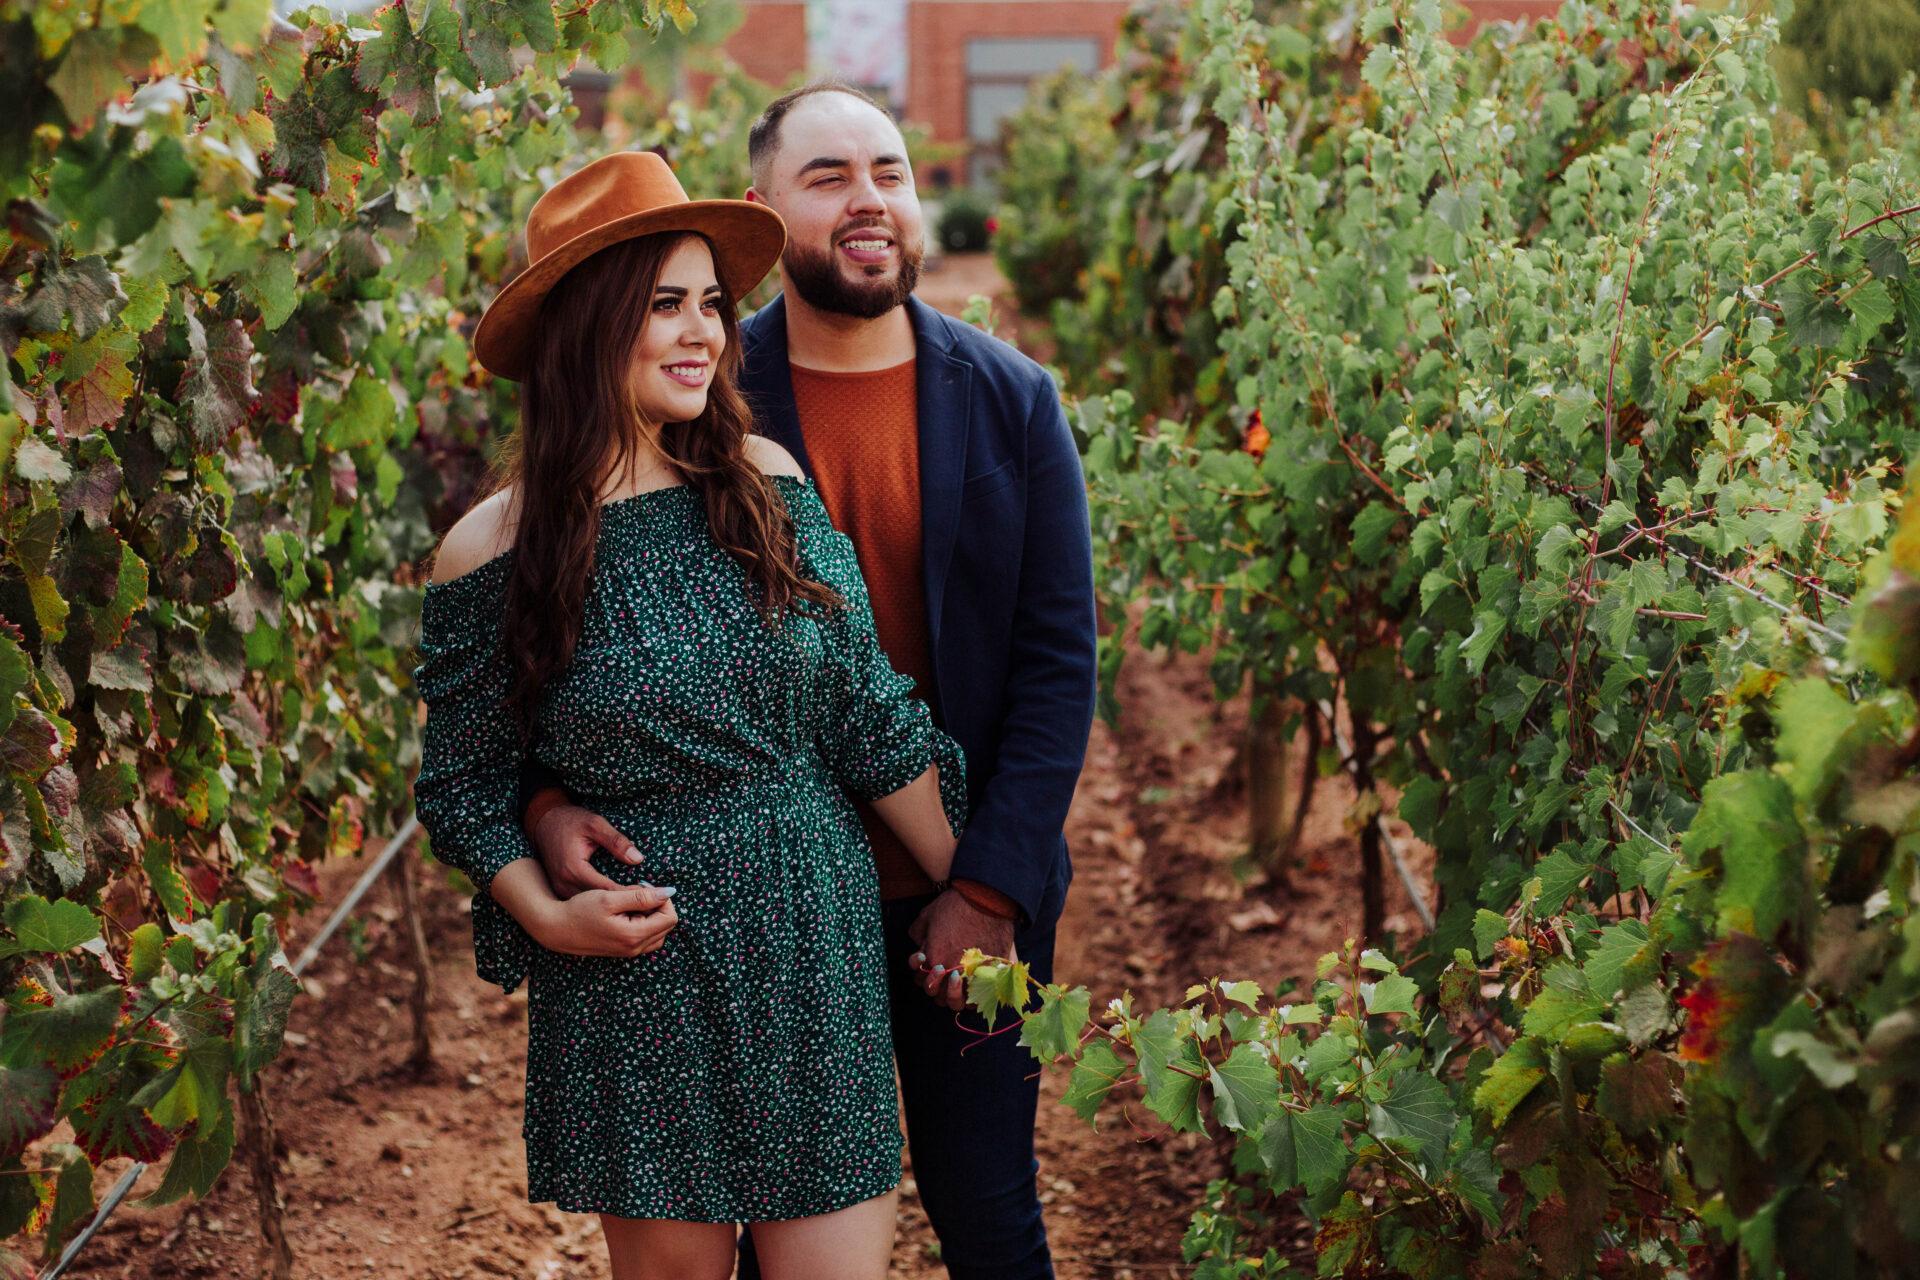 javier_noriega_fotografo_save_the_date_tierra_adentro_zacatecas_wedding_photographer3